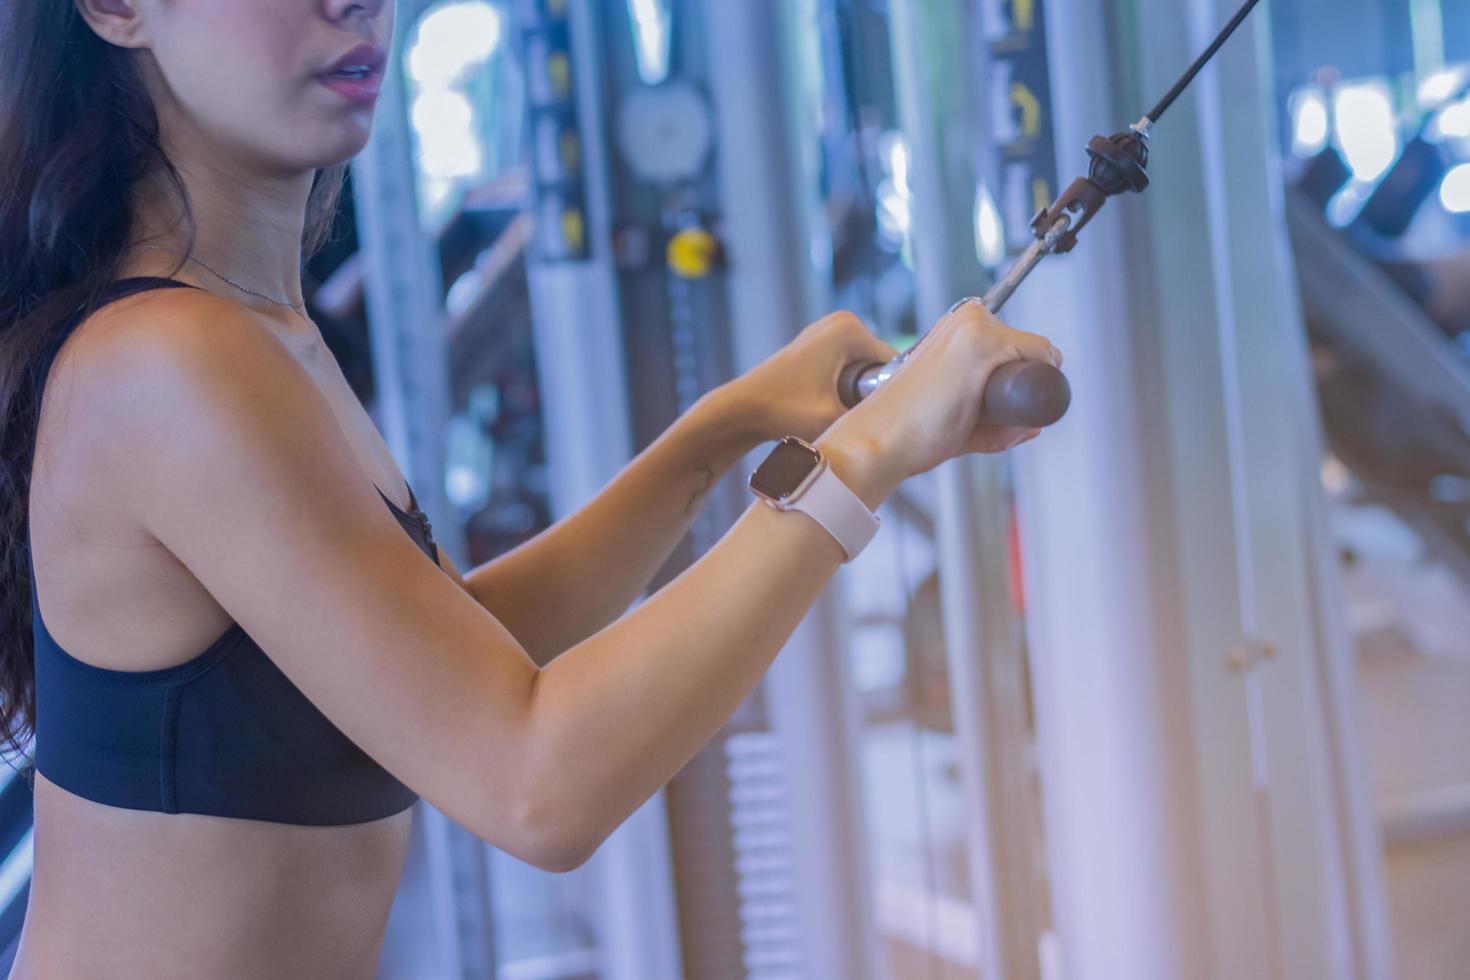 joven bella mujer haciendo ejercicios en el gimnasio foto